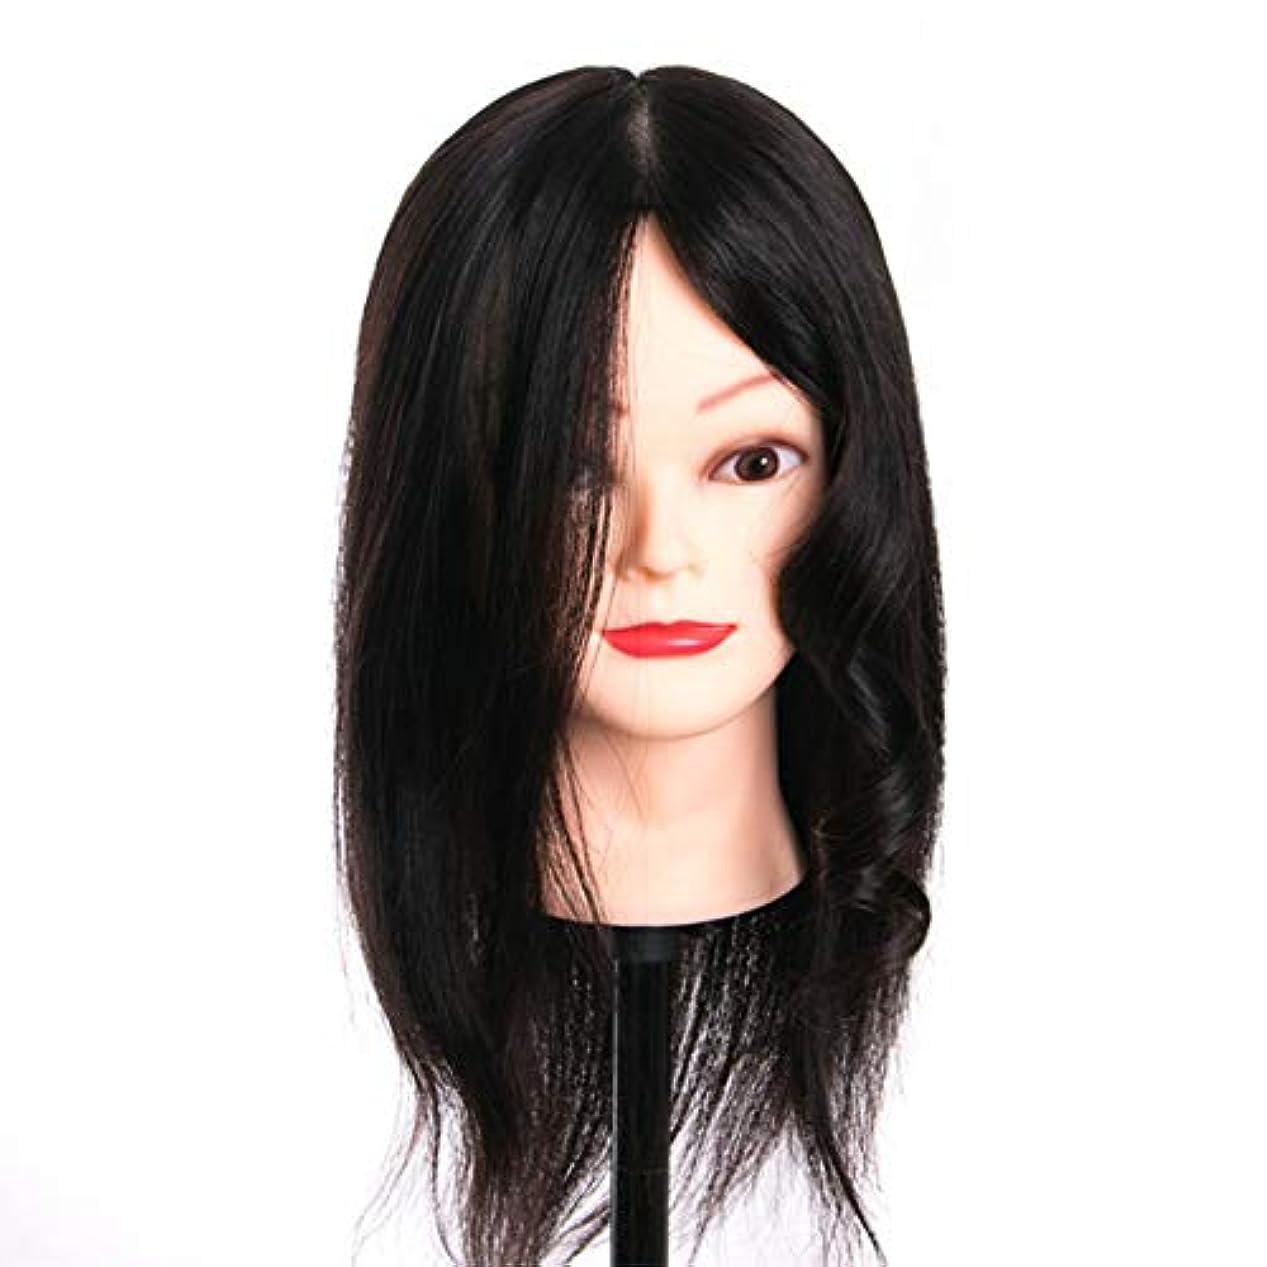 欠かせないけがをするソーシャルメイクディスクヘアスタイリング編み教育ダミーヘッドサロンエクササイズヘッド金型理髪ヘアカットトレーニングかつら3個